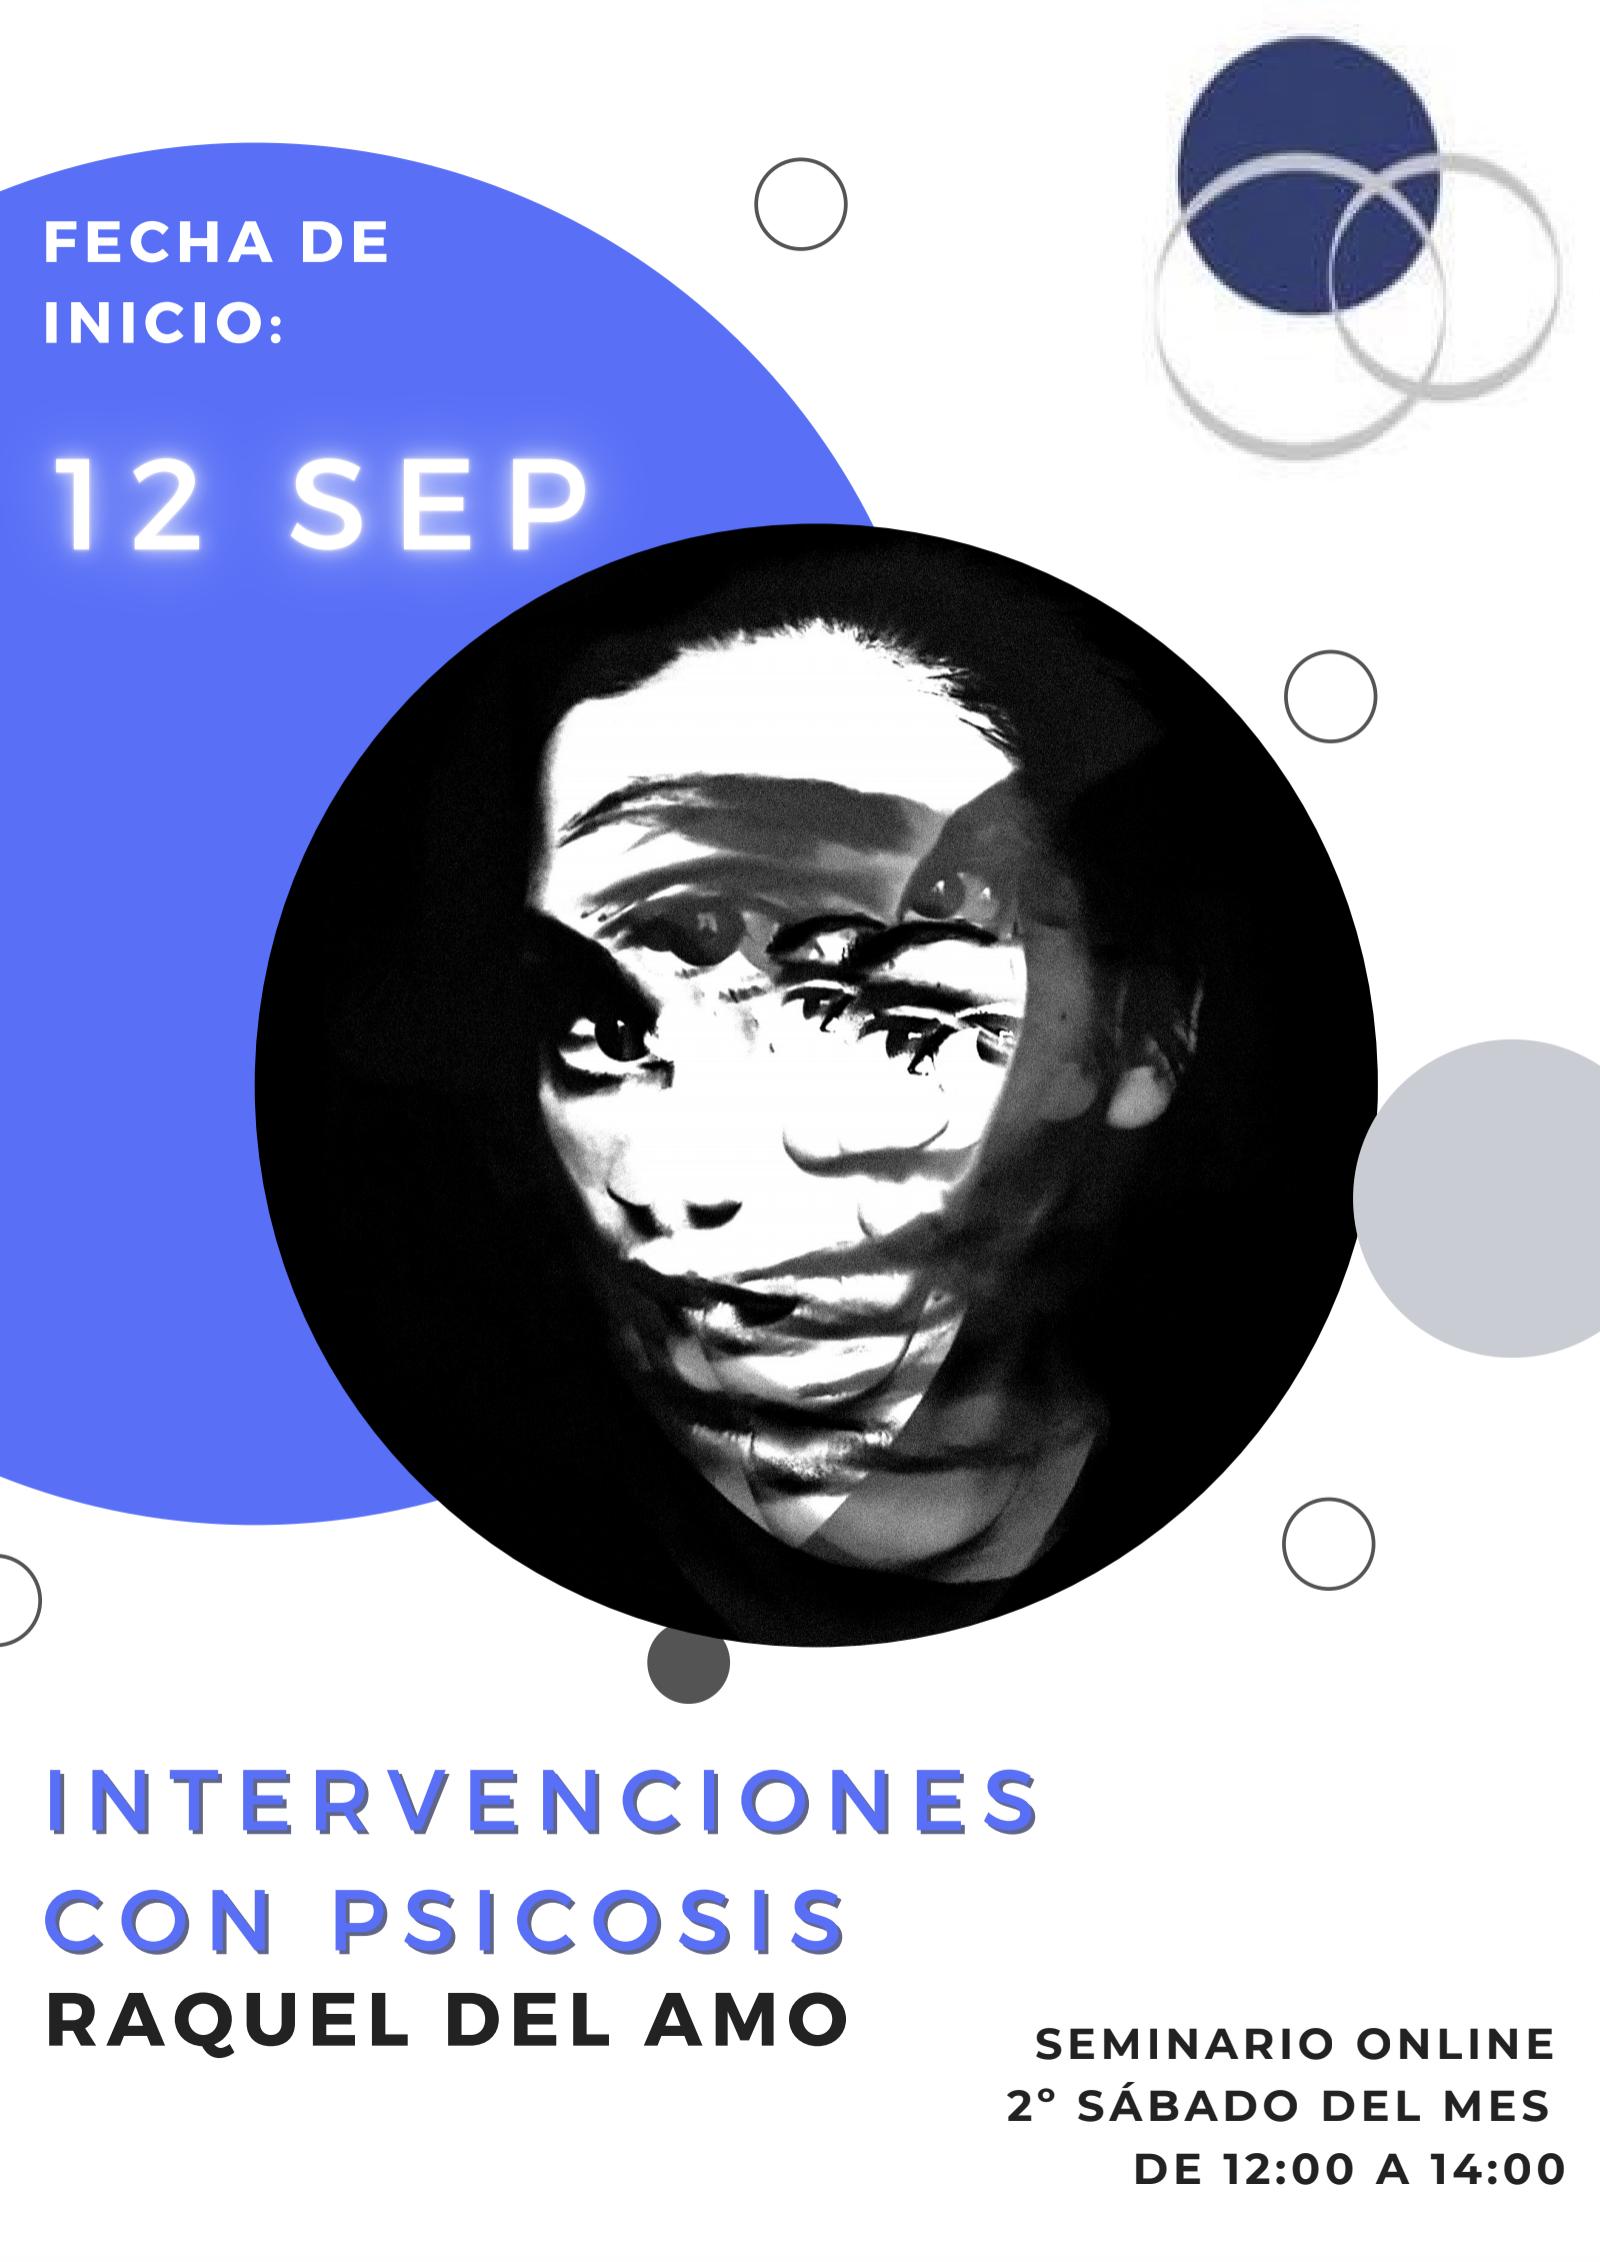 Seminario Intervenciones con Psicosis (Grupo1 Fusión).Raquel del Amo